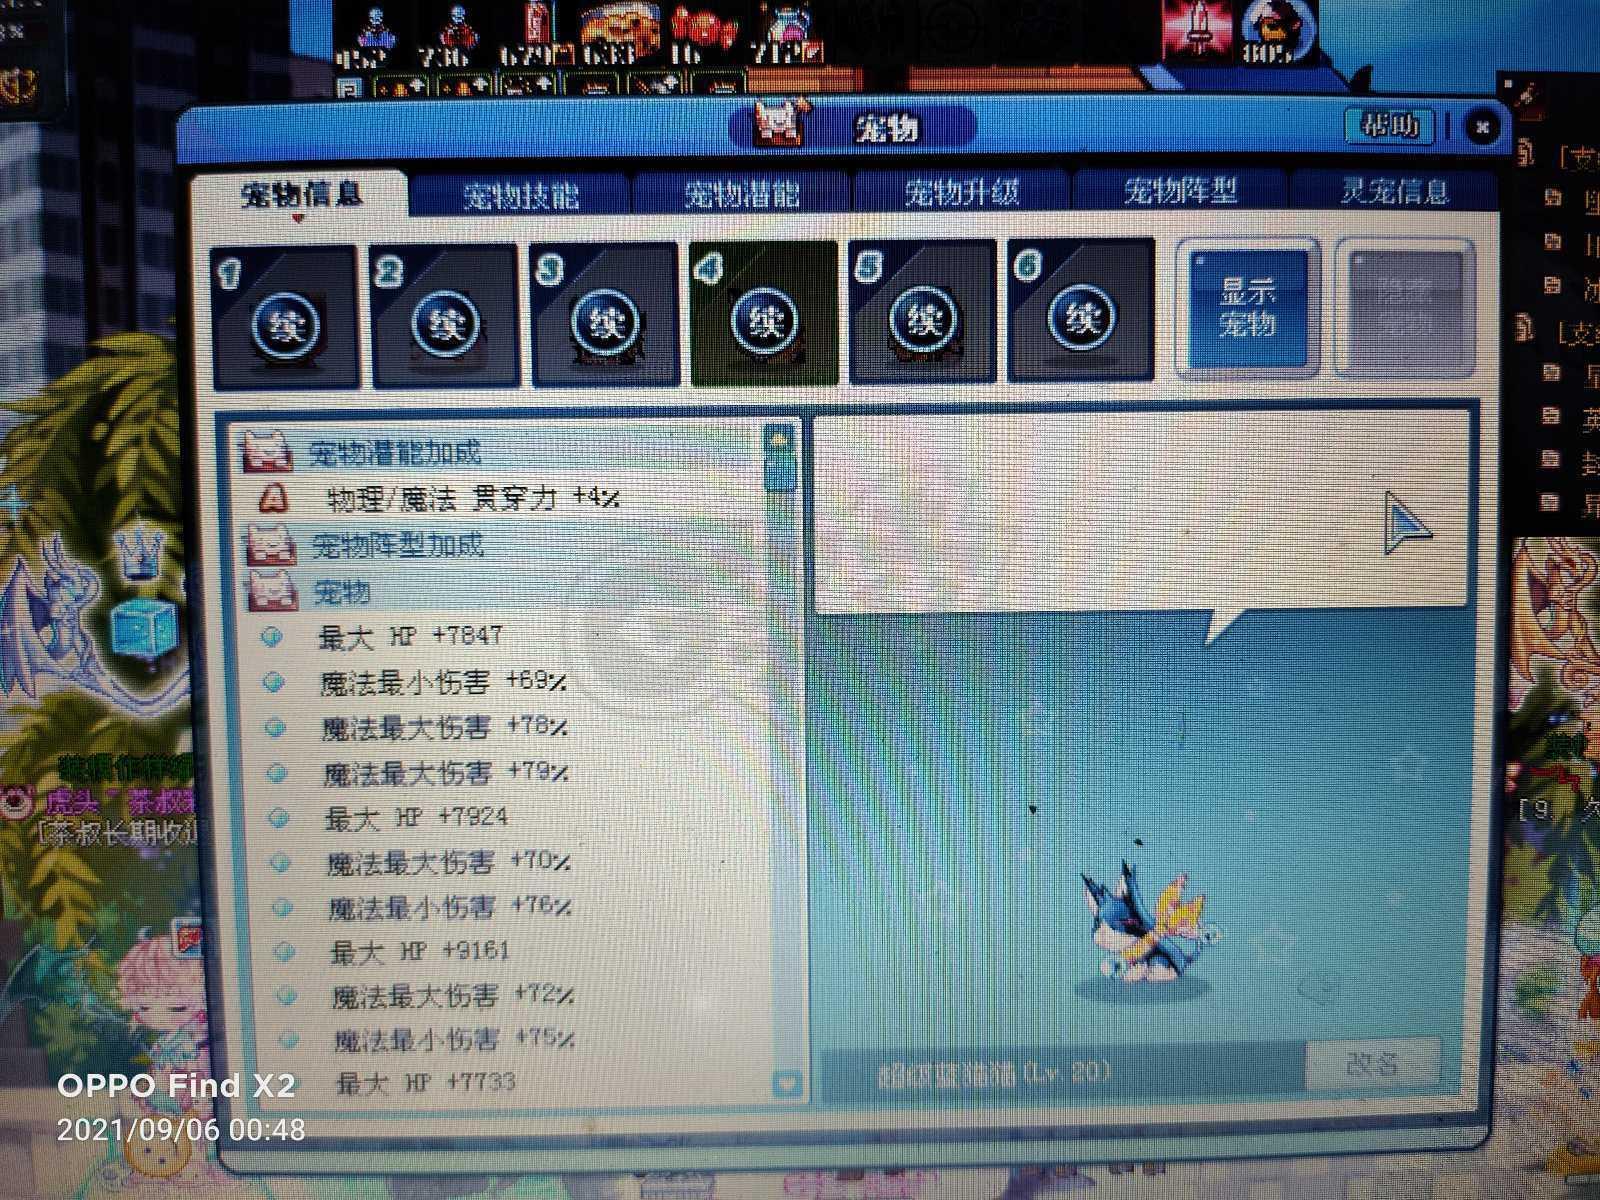 彩虹岛-账号-[宝石星300级]半神荒漠队长弓箭  。